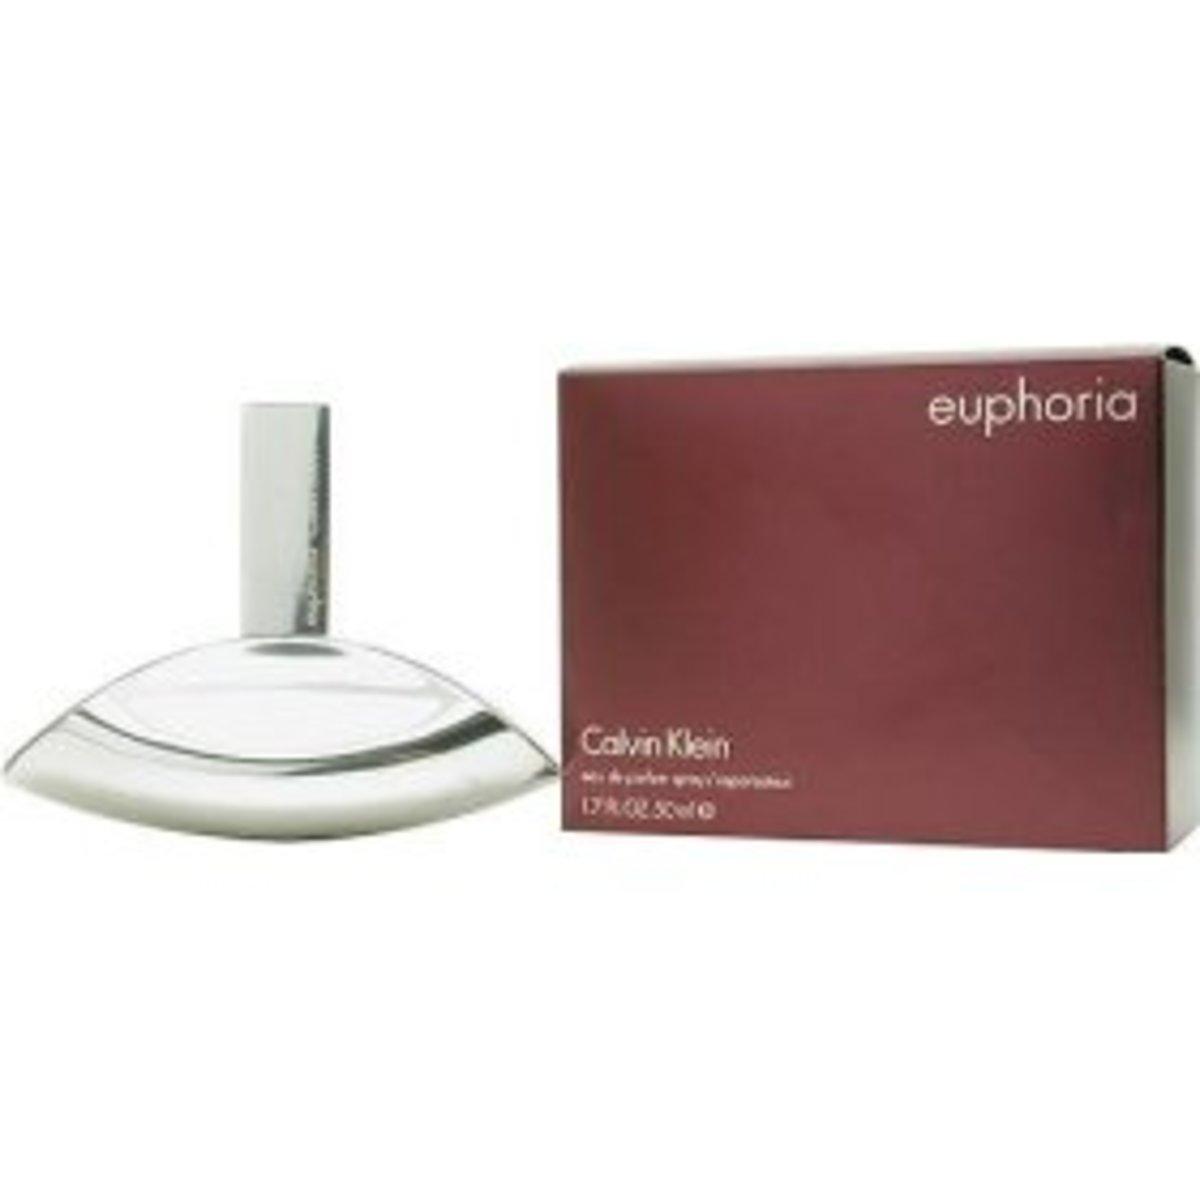 Euphoria by Calvin Klein for Women